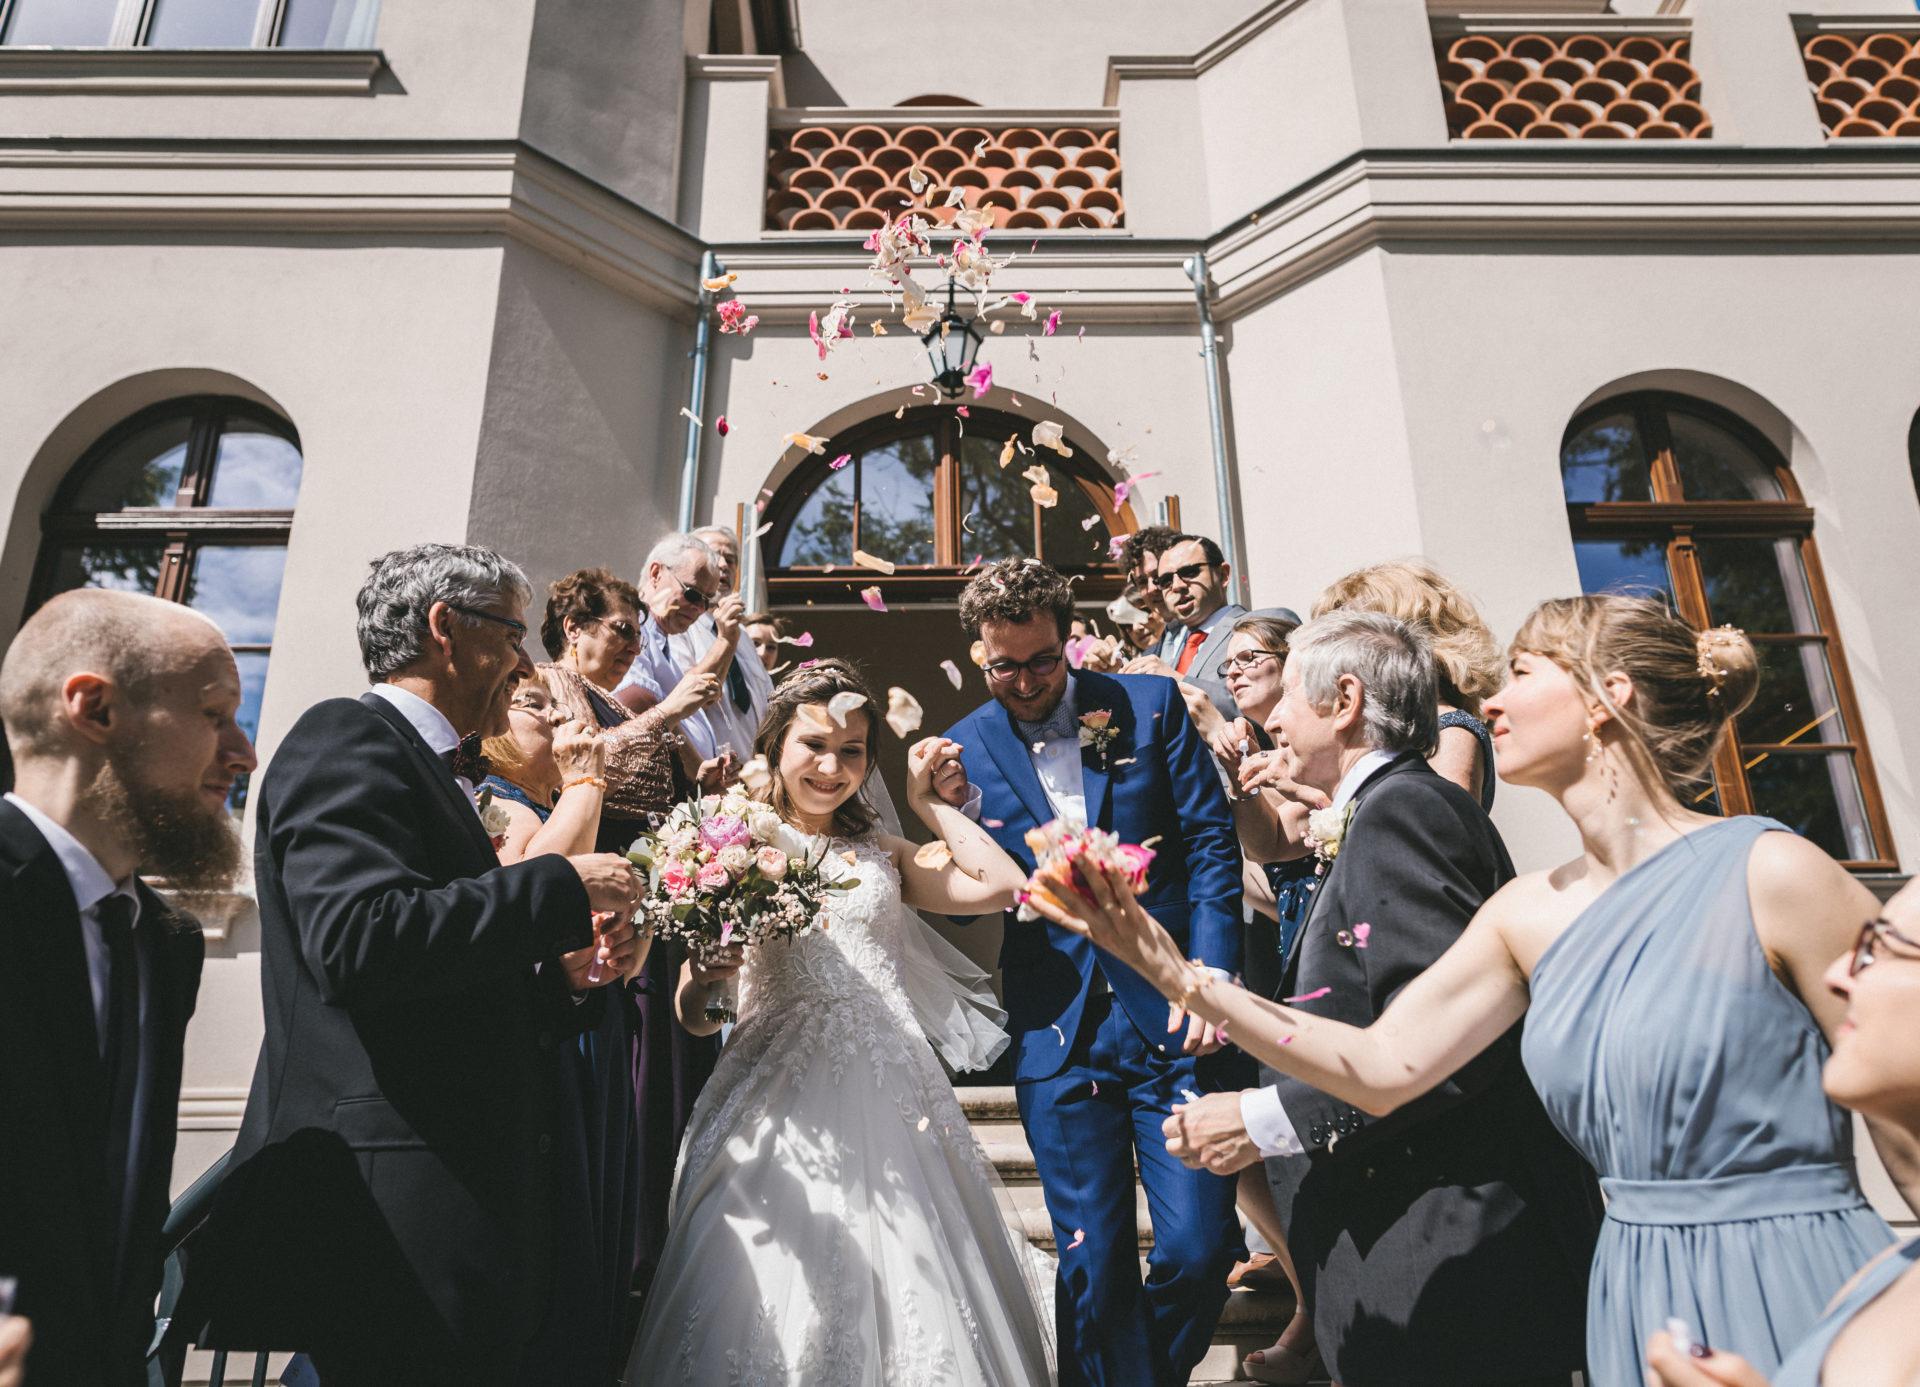 Hochzeitsreportage | Freie Trauung im Herrenhaus Möckern in Leipzig | 29